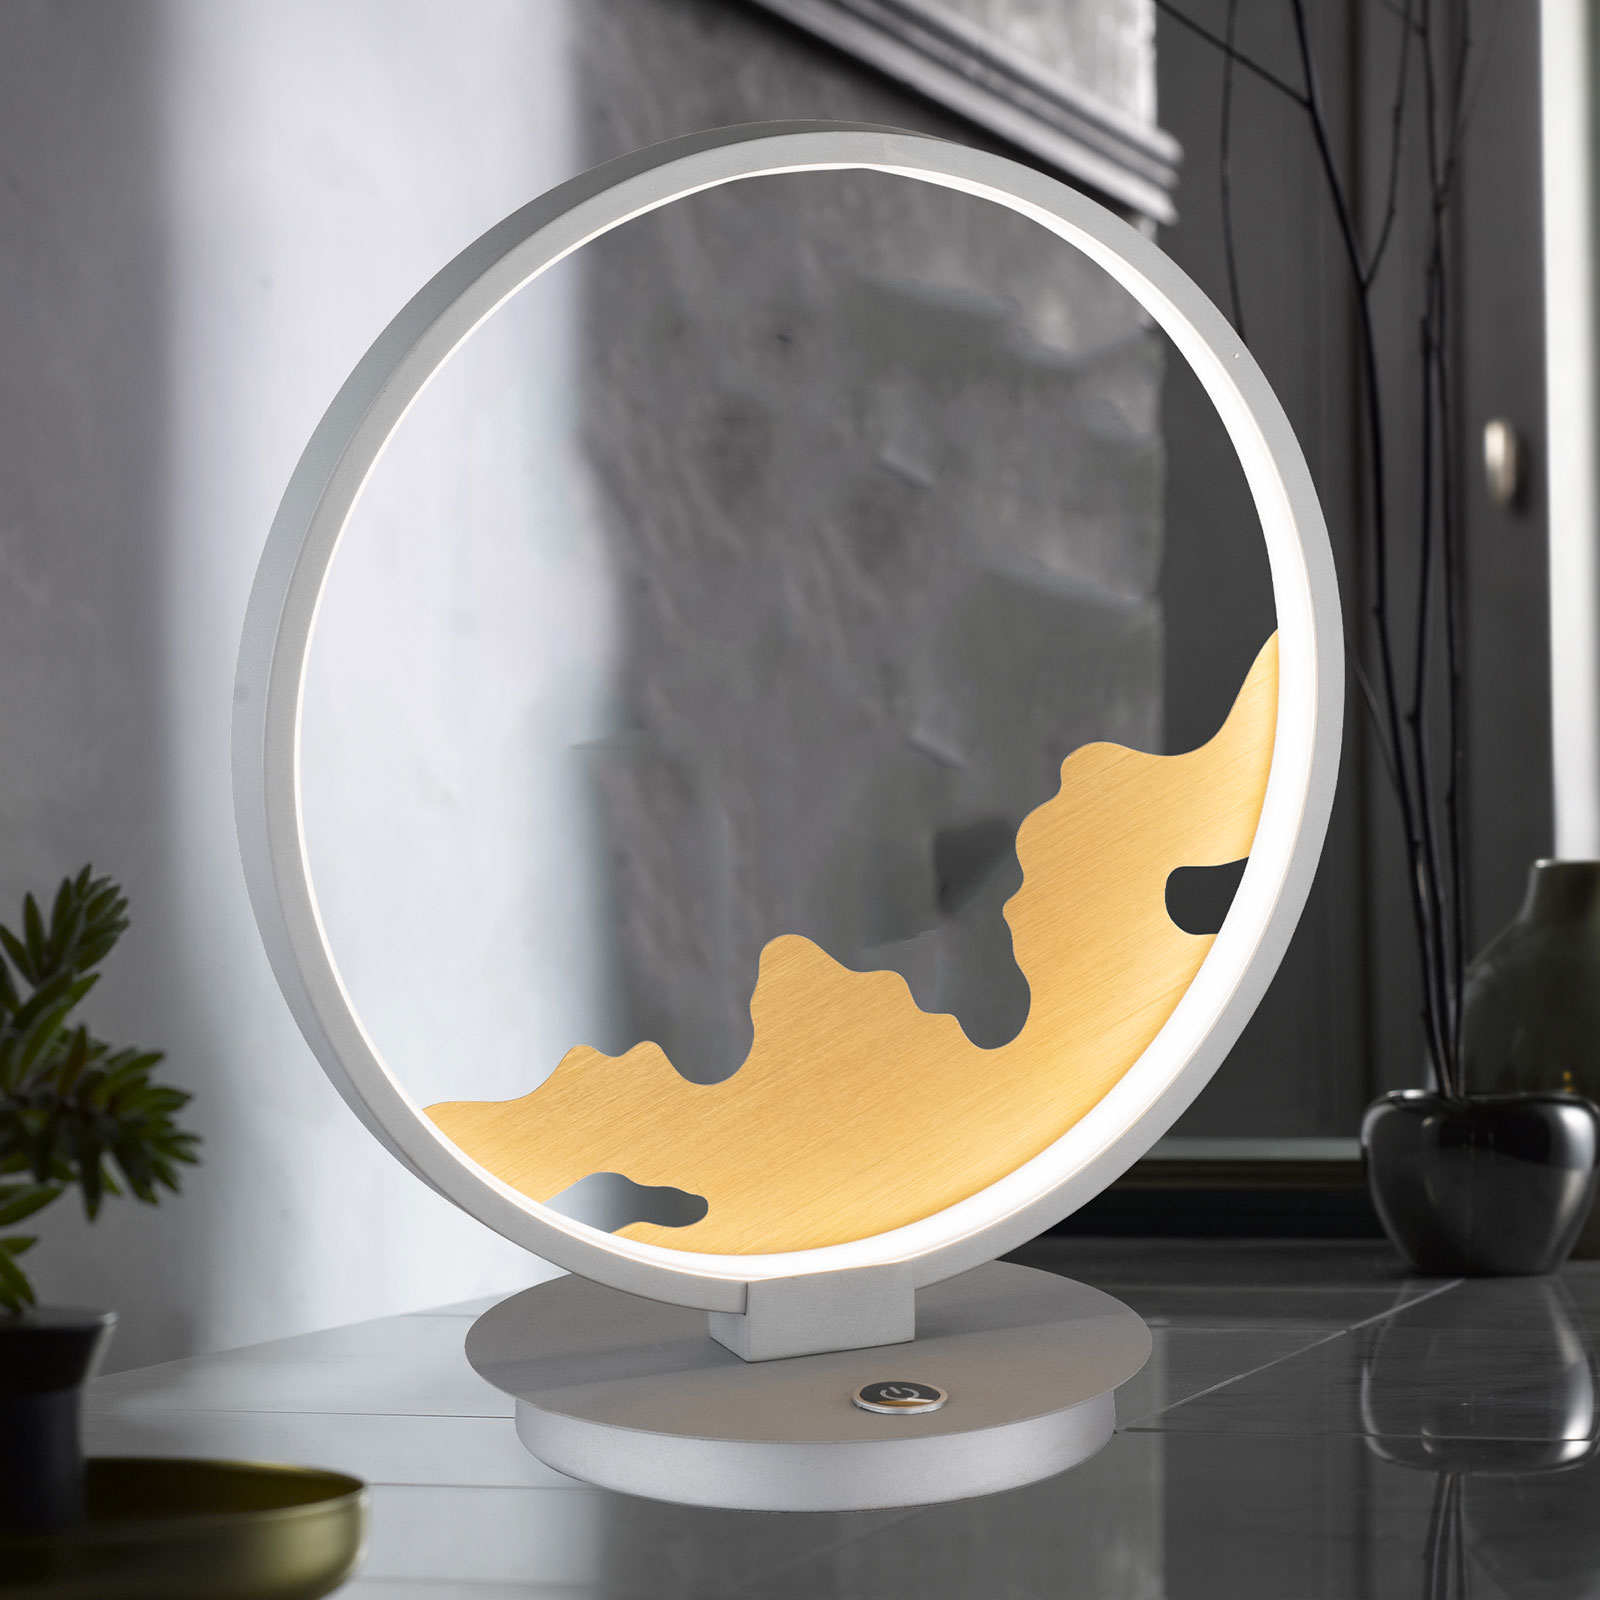 Lampa stołowa LED Modesto ze złotym dekorem